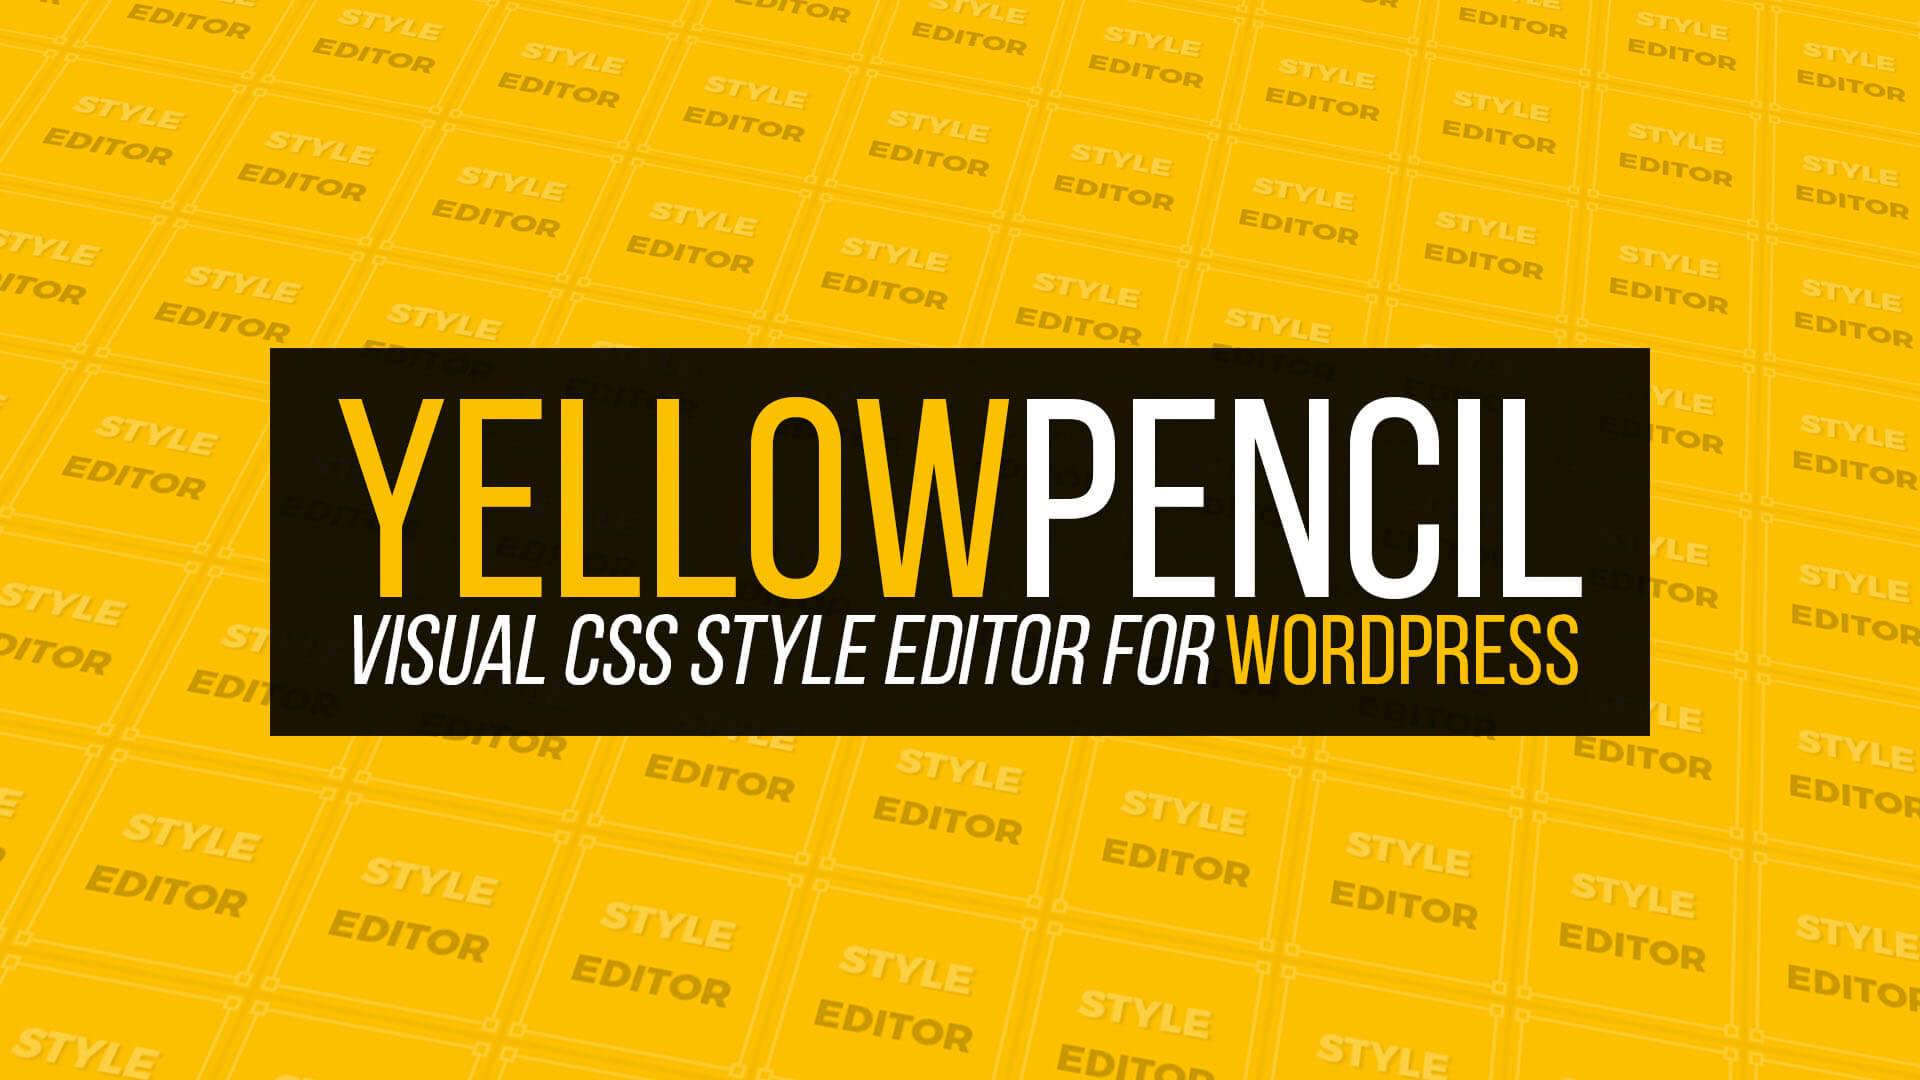 افزونه وردپرس مداد زرد Yellow Pencil